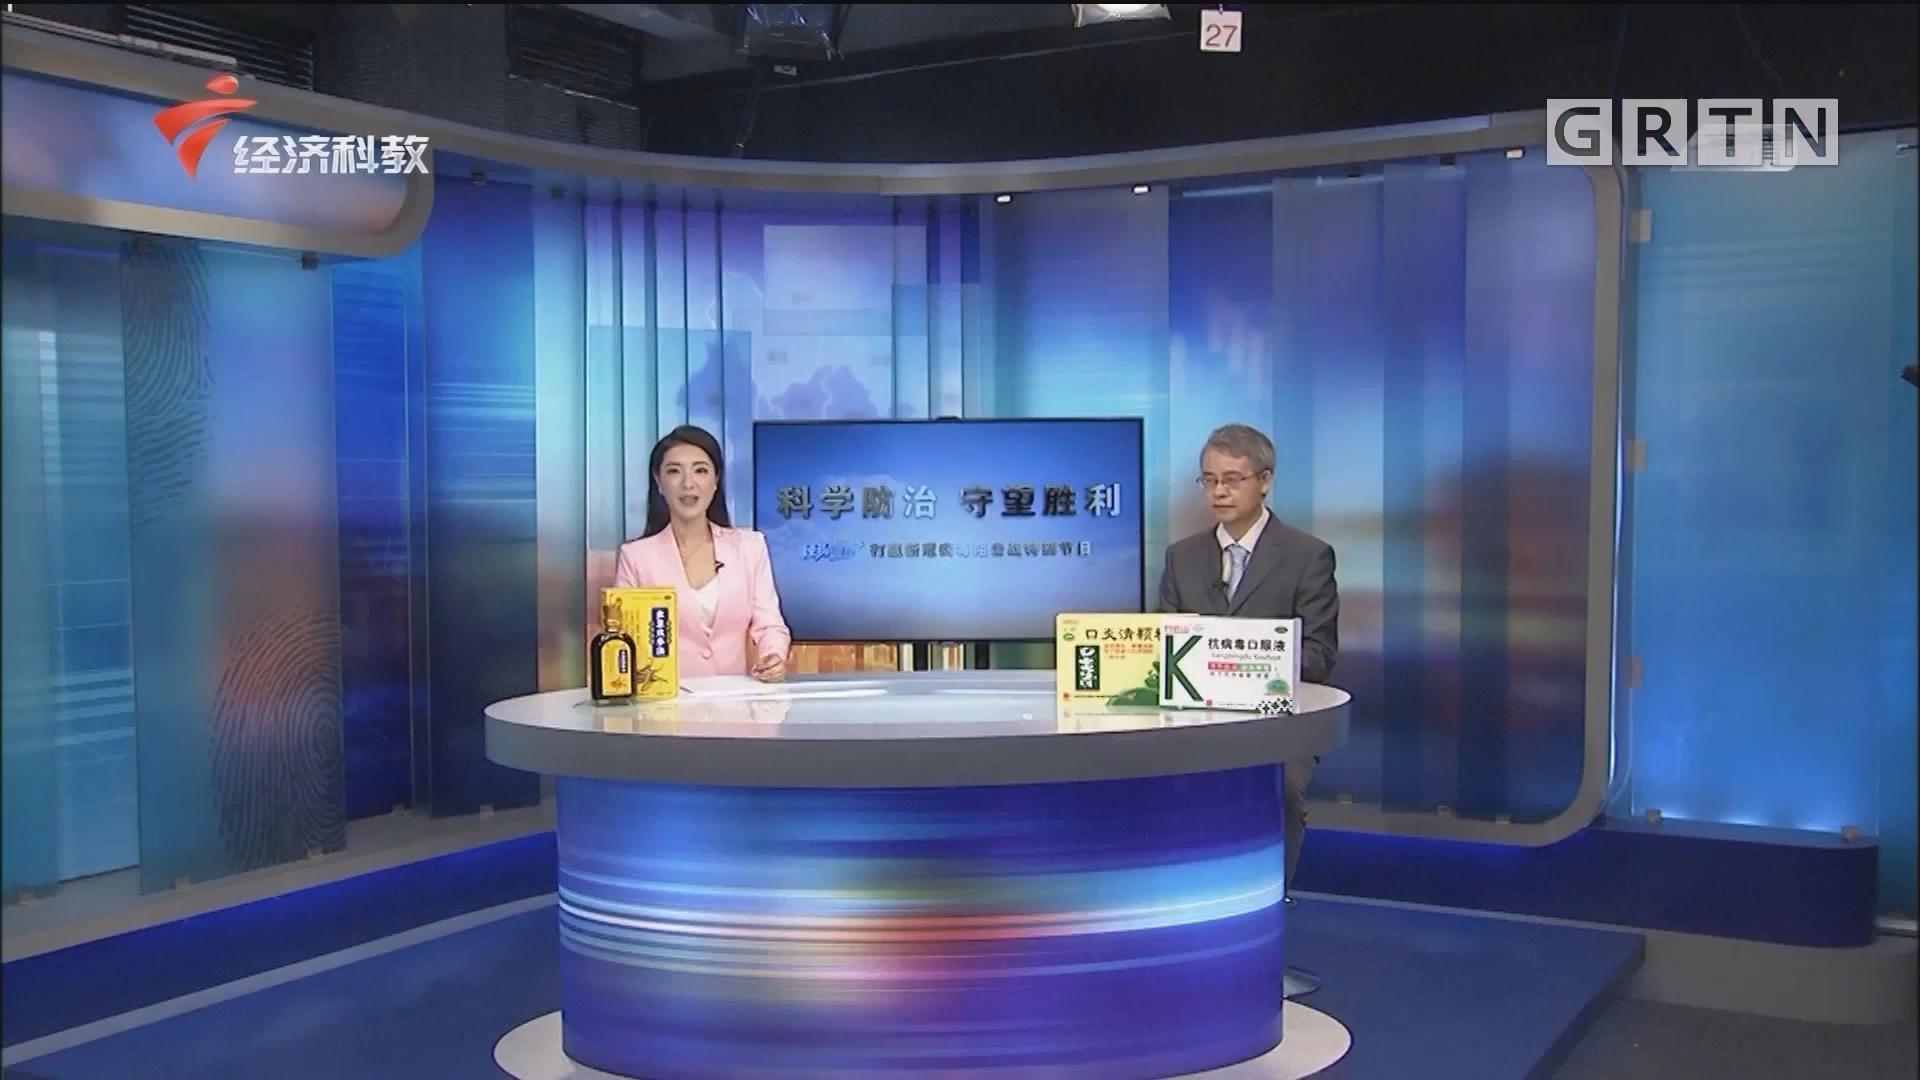 [HD][2020-03-07]经视健康+:抗疫特别节目:科学防治 守望胜利